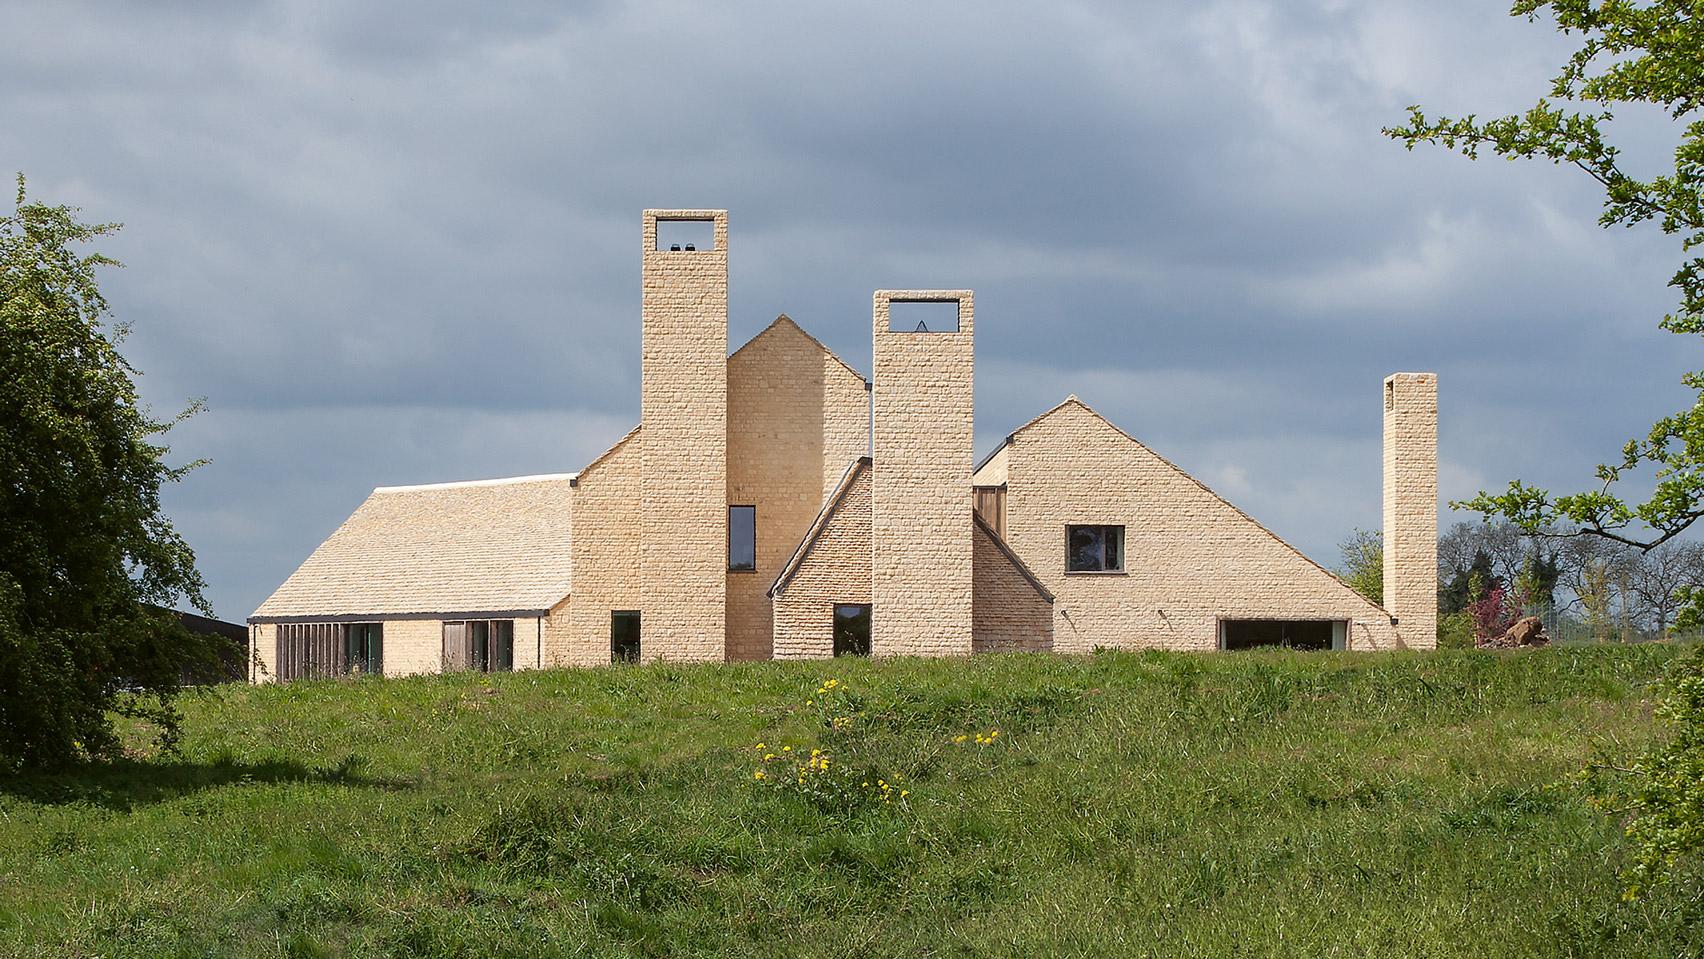 RIBA House of the Year 2019 longlist: Hannington Farm by James Gorst